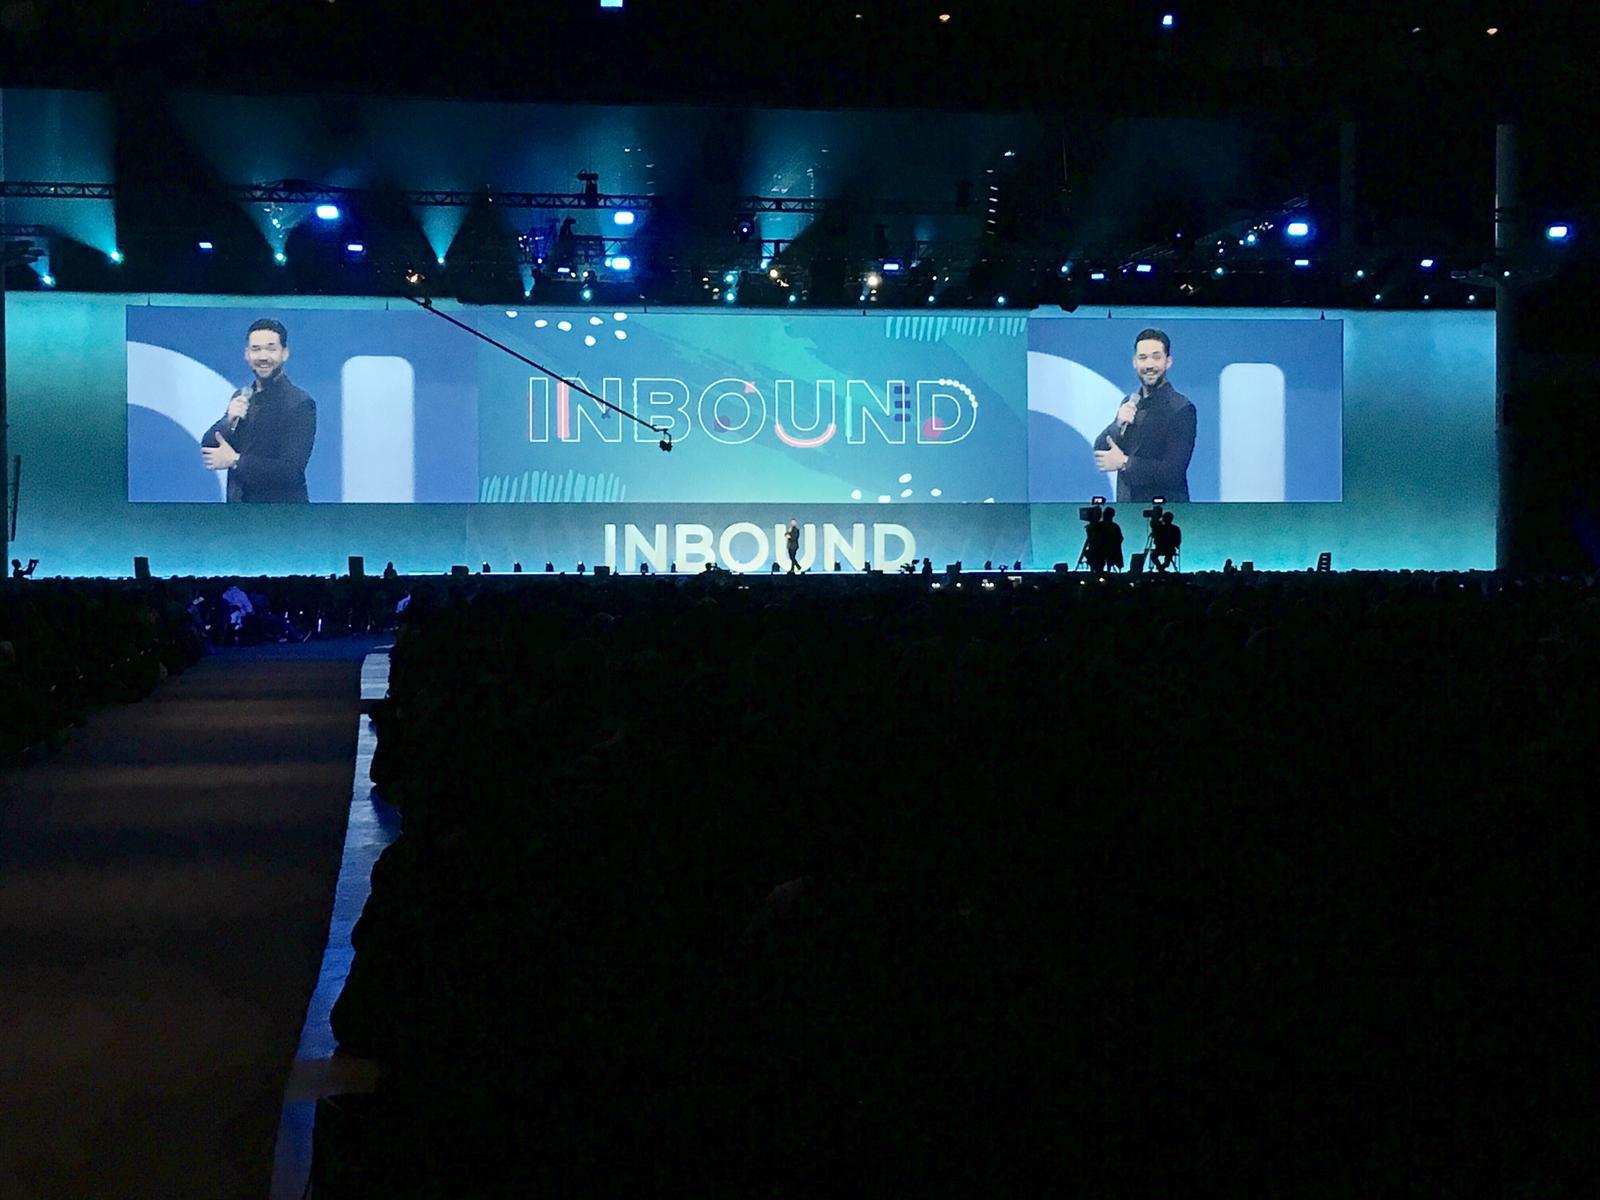 Il nostro sguardo su Inbound3